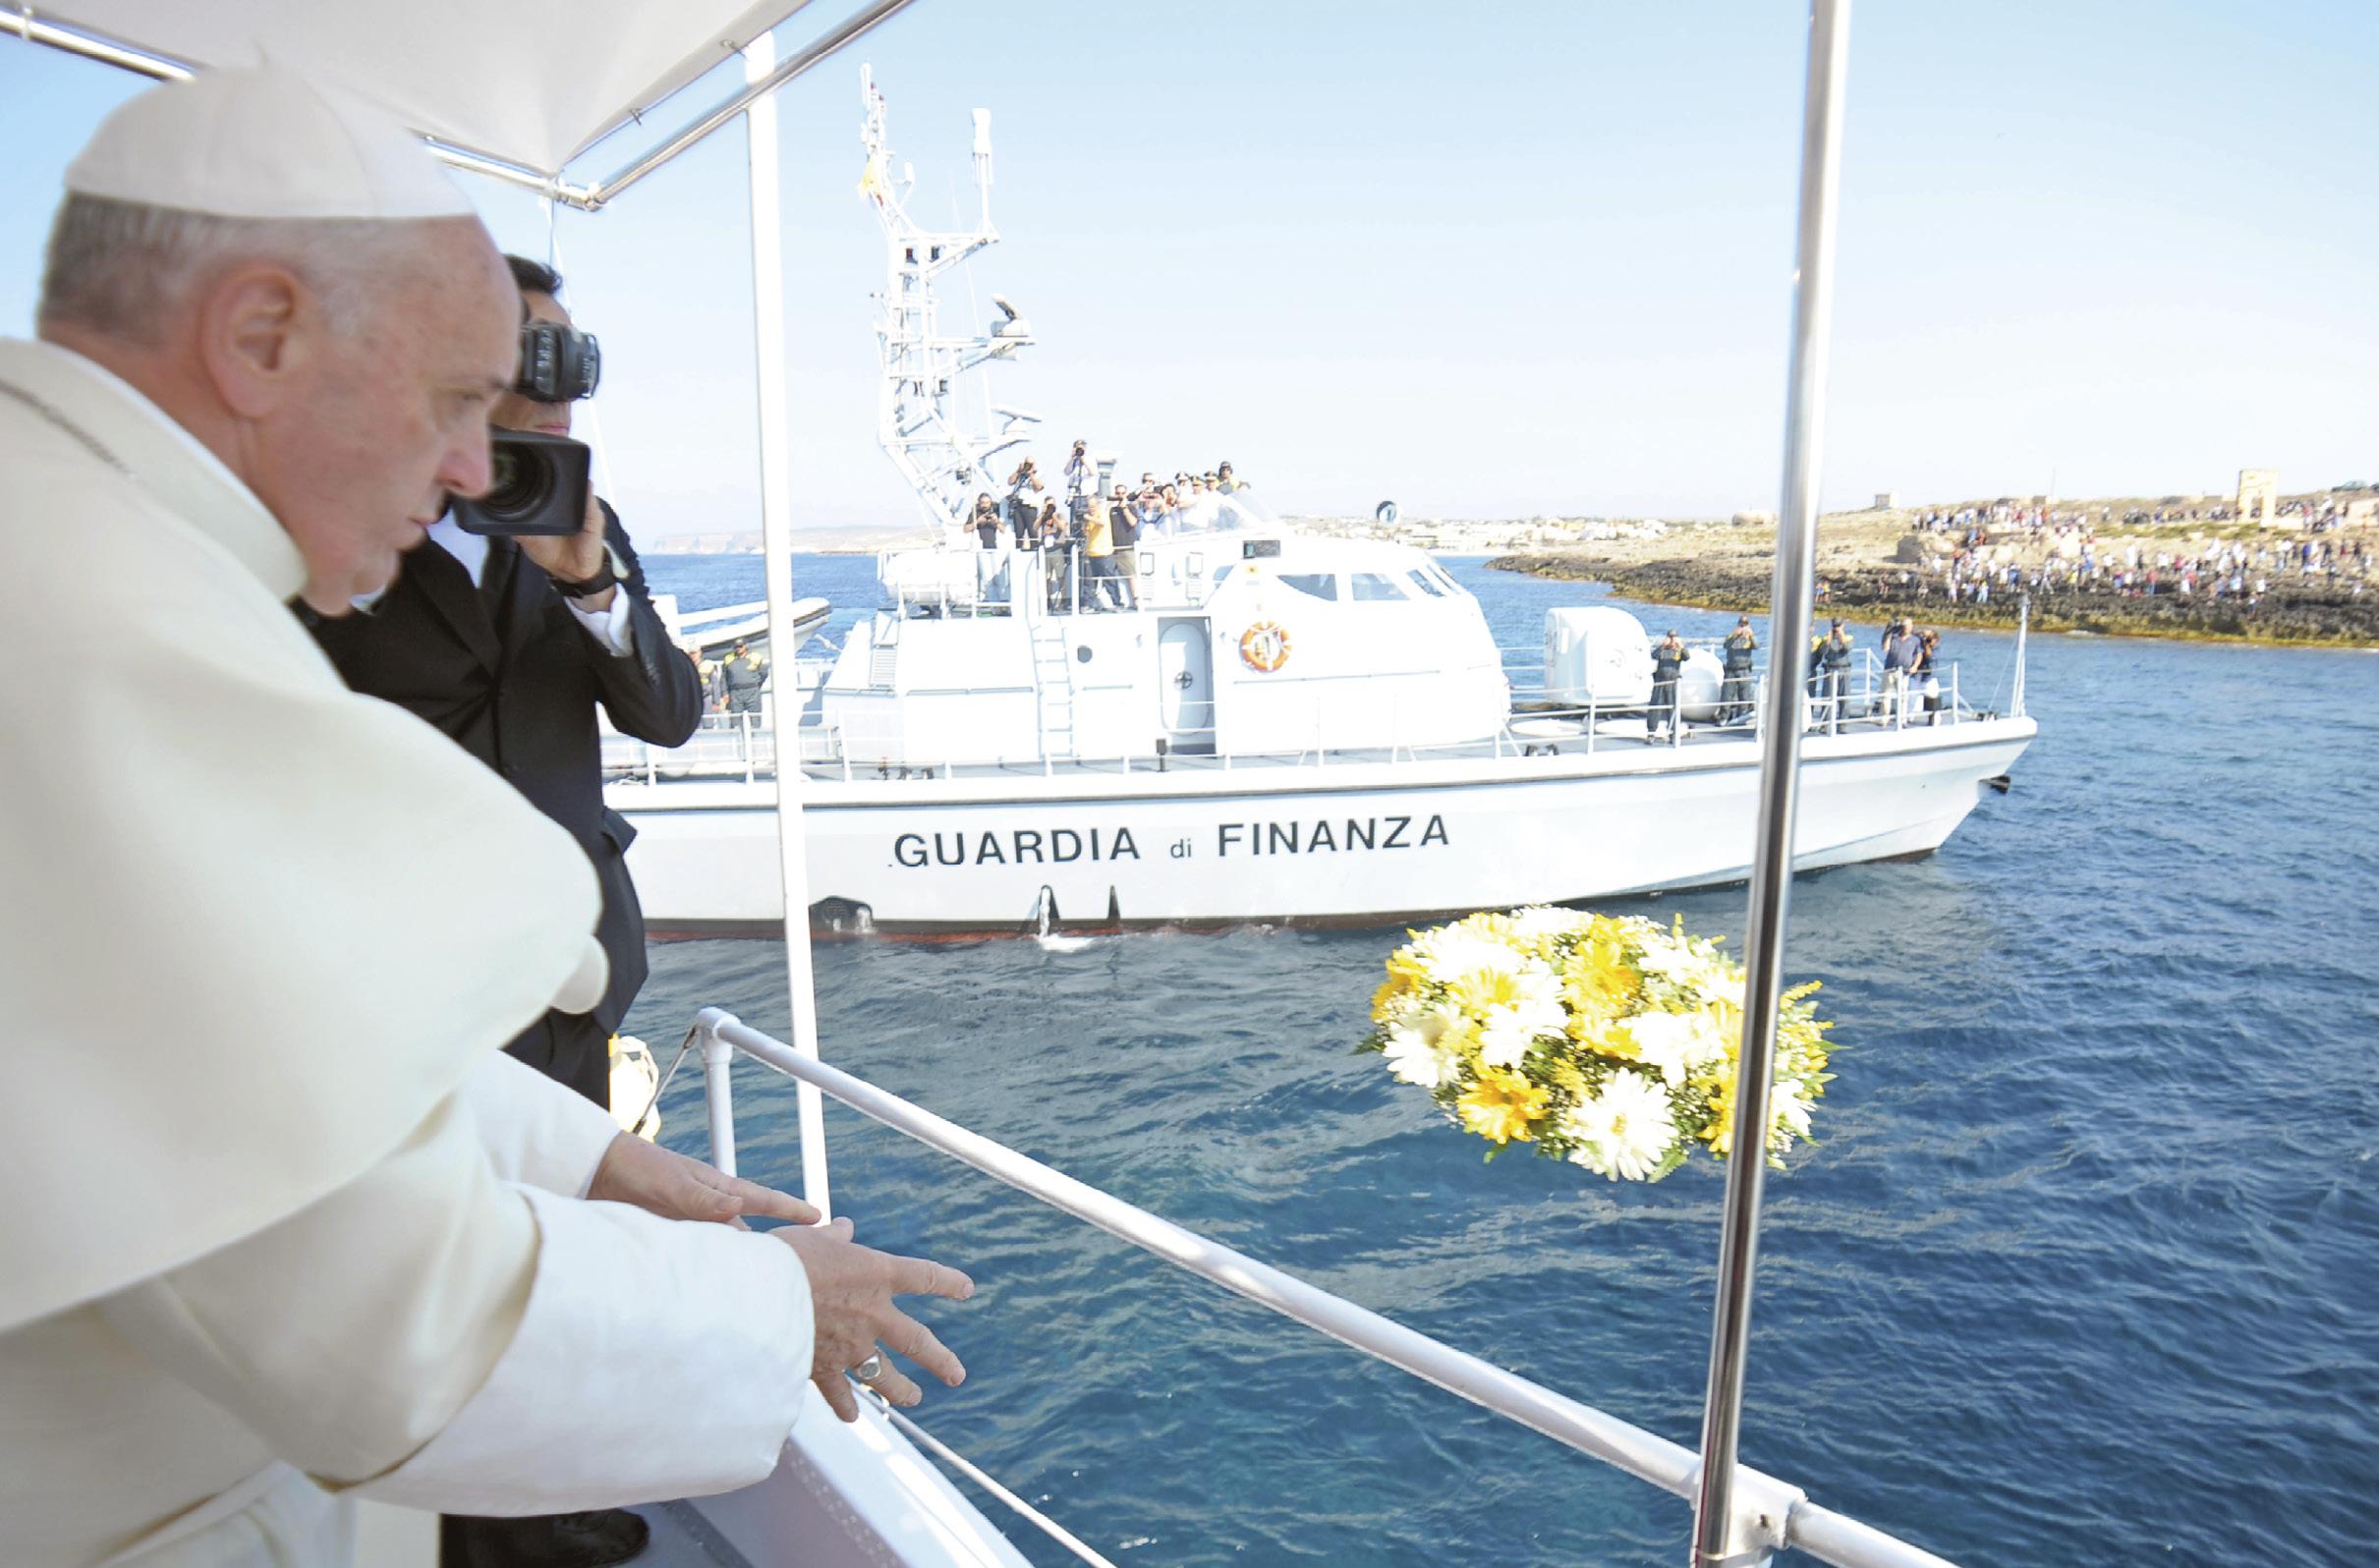 Papa Francisco, no início do seu pontificado, desloca-se a Lampedusa para lembrar e rezar pelos refugiados mortos ao atravessar o Mediterrâneo, agosto 2013. Foto: SIR.